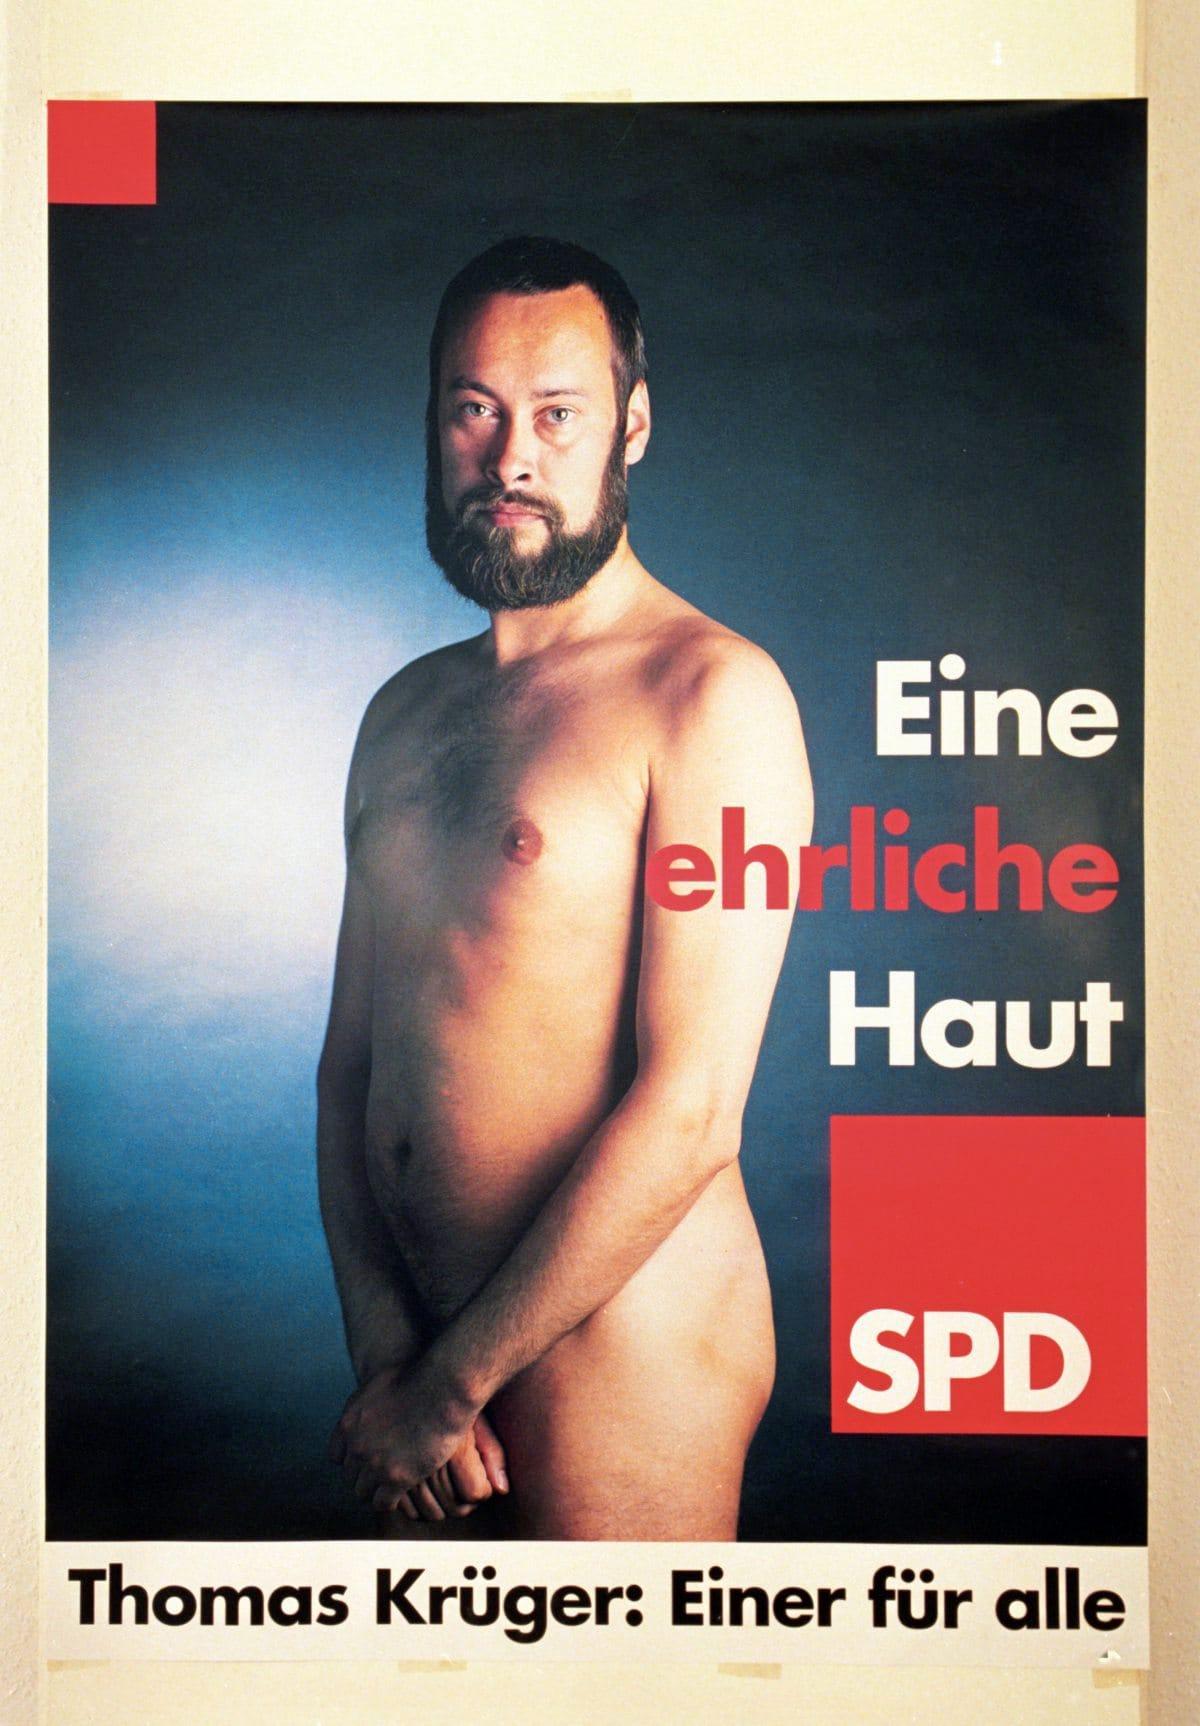 Der Berliner Jugendsenator Thomas Krüger nackt auf einem SPD-Wahlplakat